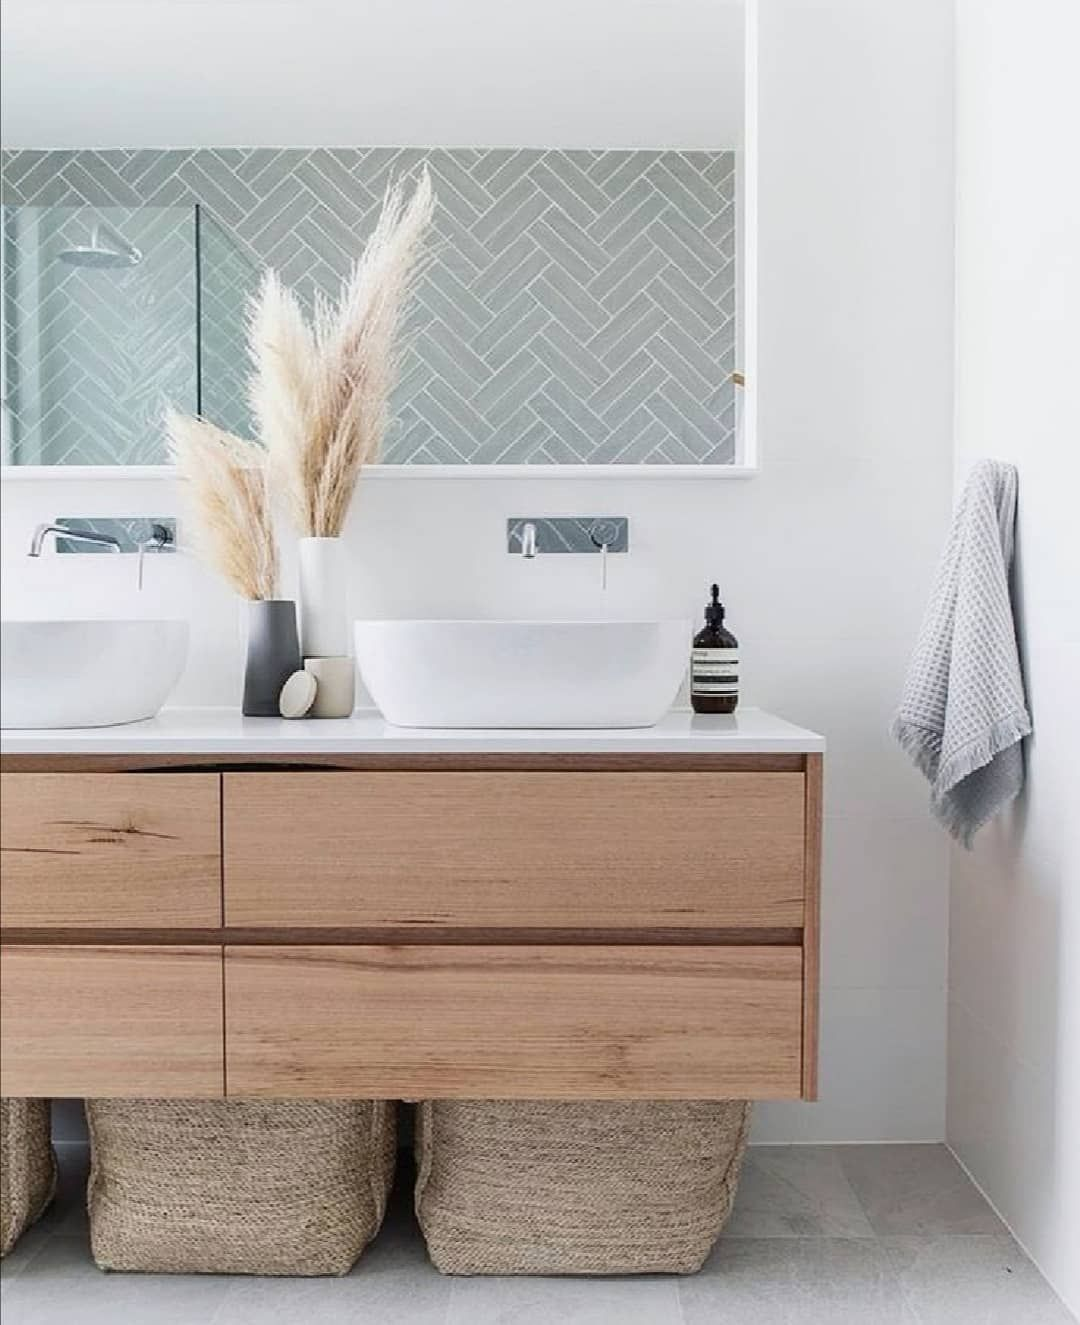 Dieses Badezimmer Hat Es Uns Total Angetan Der Mix Aus Holz Grau Und Weiss Dazu Noch Naturkorbe Und Badezimmer Bad Styling Bad Inspiration